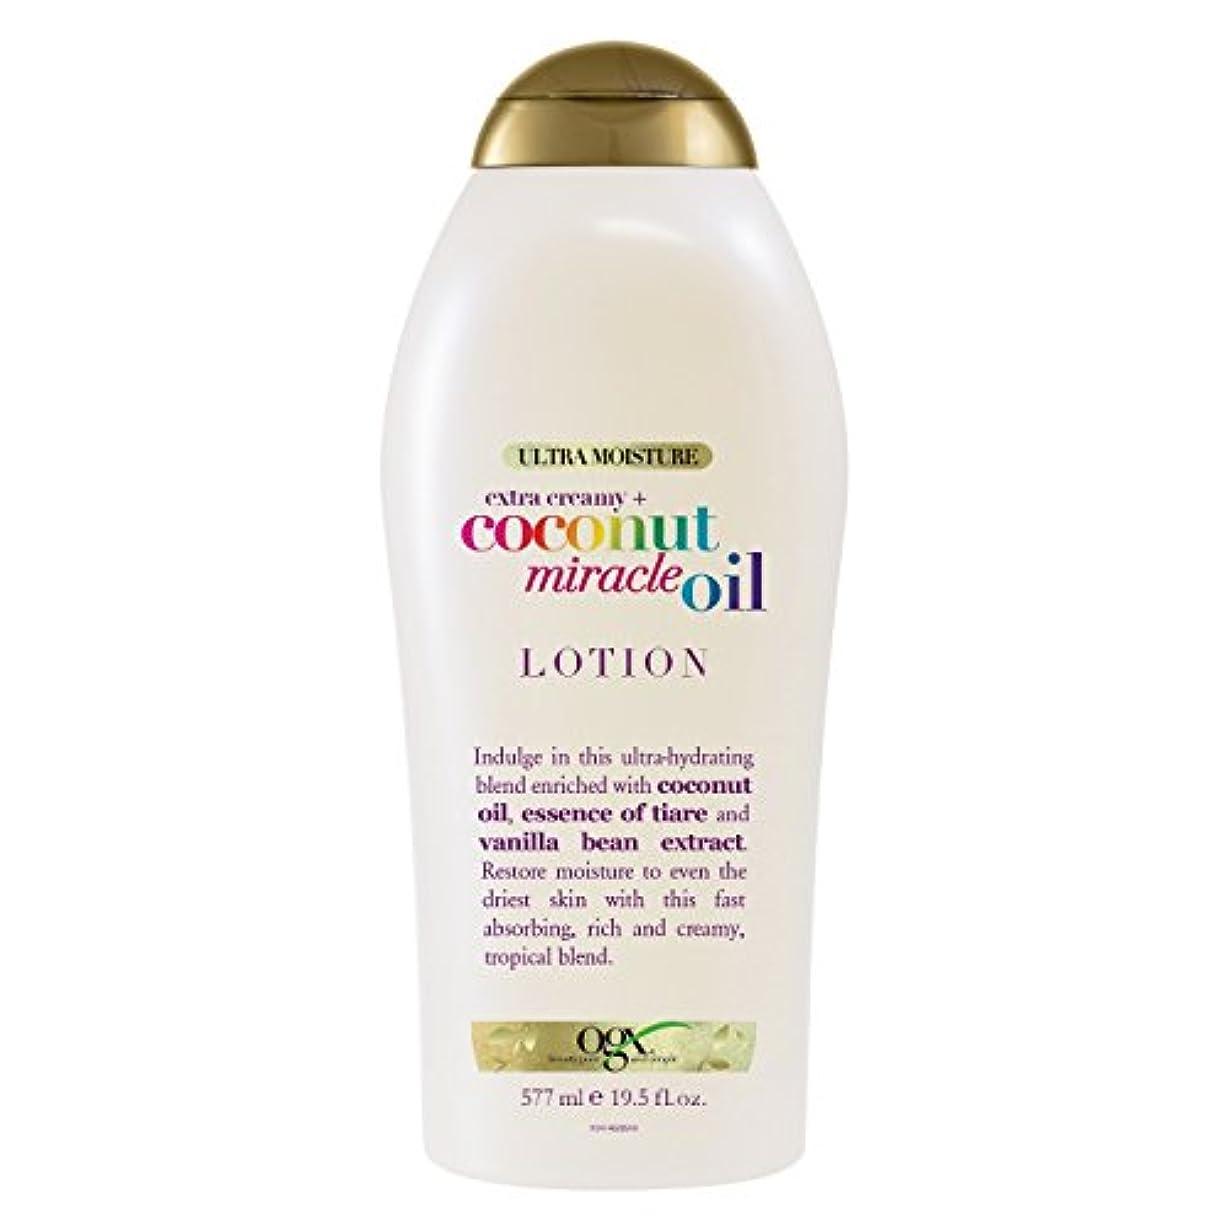 添加担保肝OGX ミラクル ココナッツ オイル ボディローション Body Lotion Coconut Oil Miracle 19.5 Ounce (577ml) [並行輸入品]